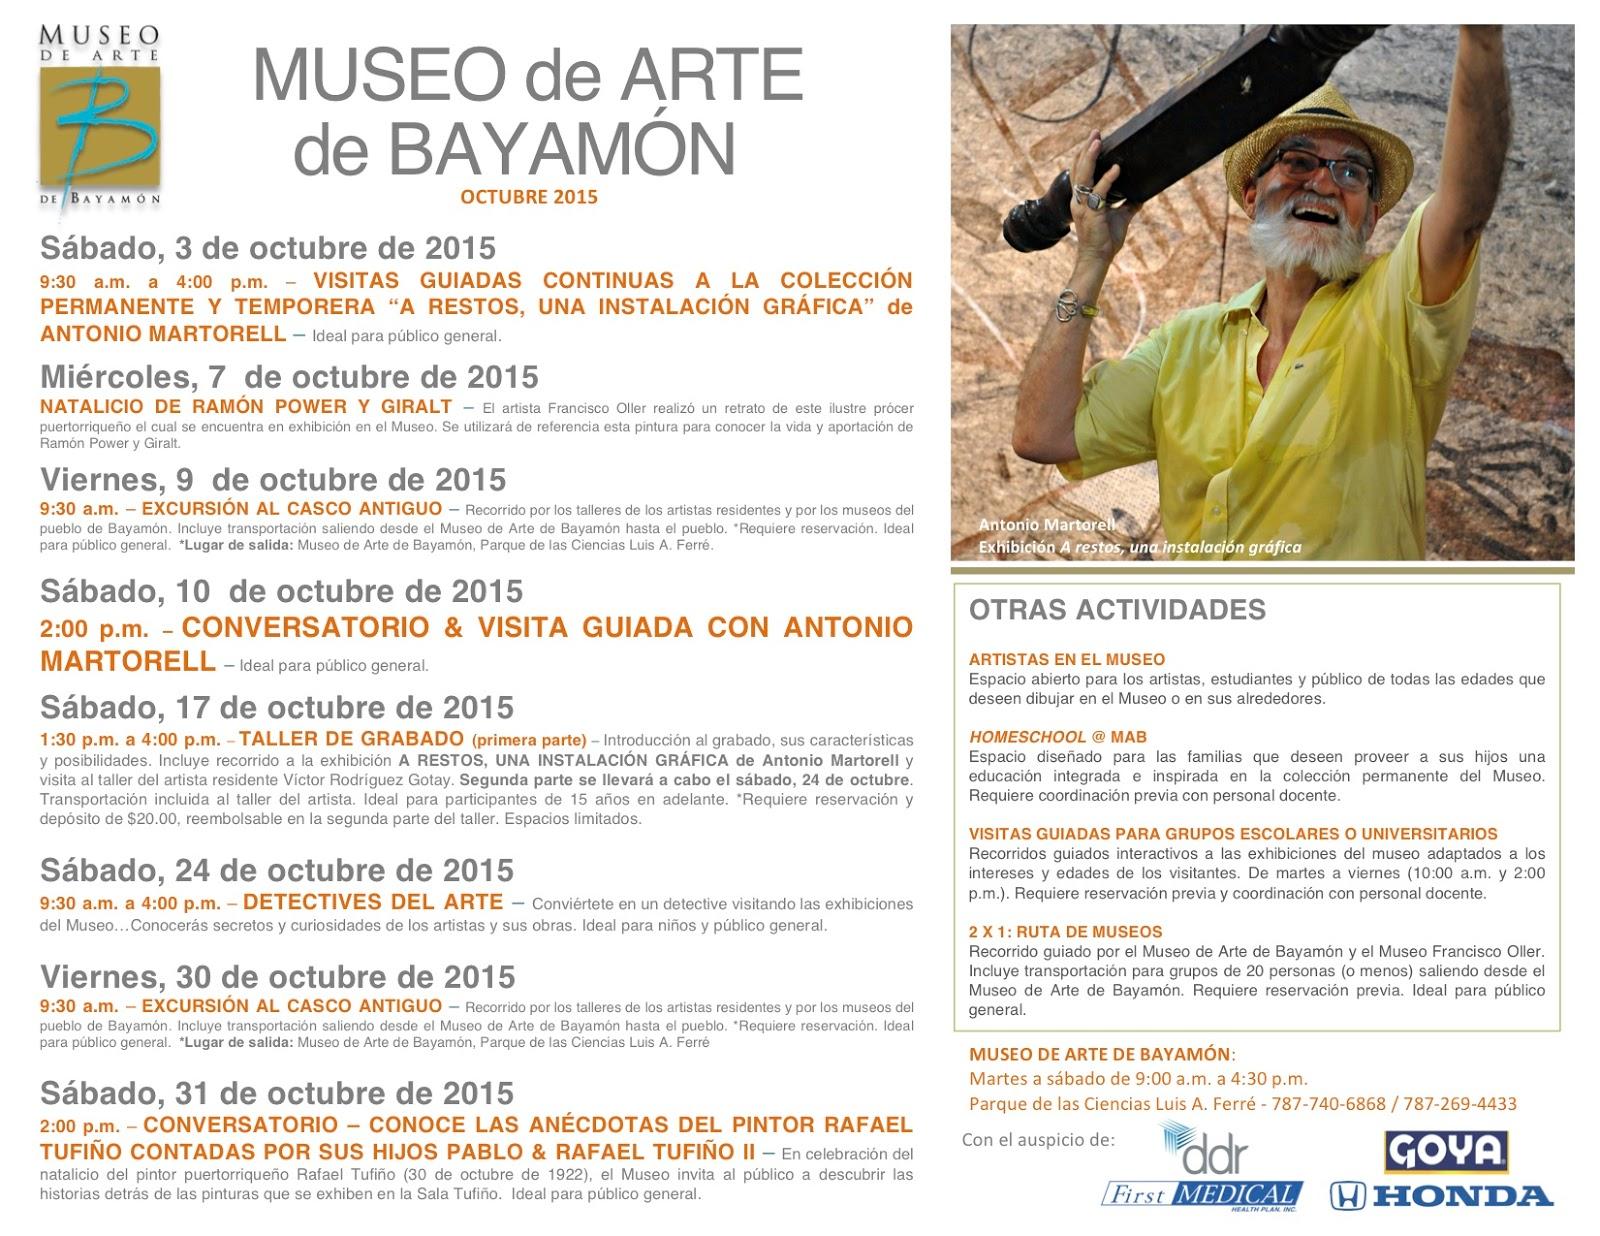 Calendario De Actividades Eventos: PUERTO RICO ART NEWS / Blog De Arte Y Cultura : Calendario